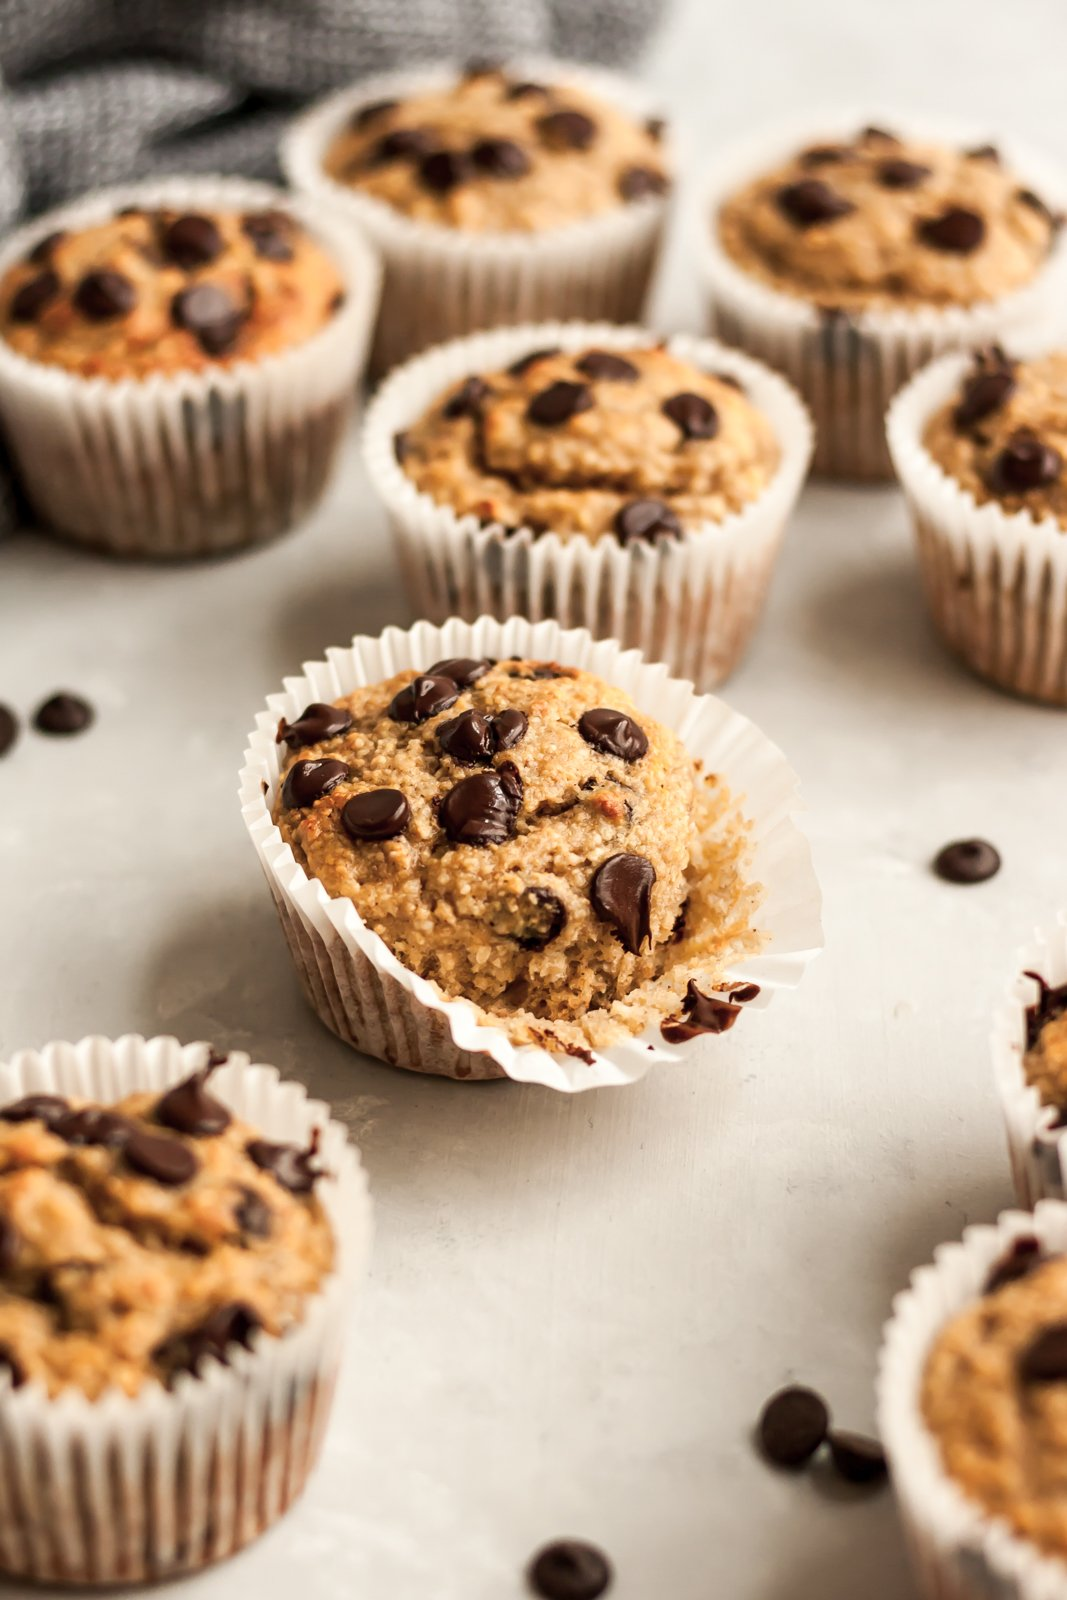 Banana chocolate chip muffins recipe 2 bananas